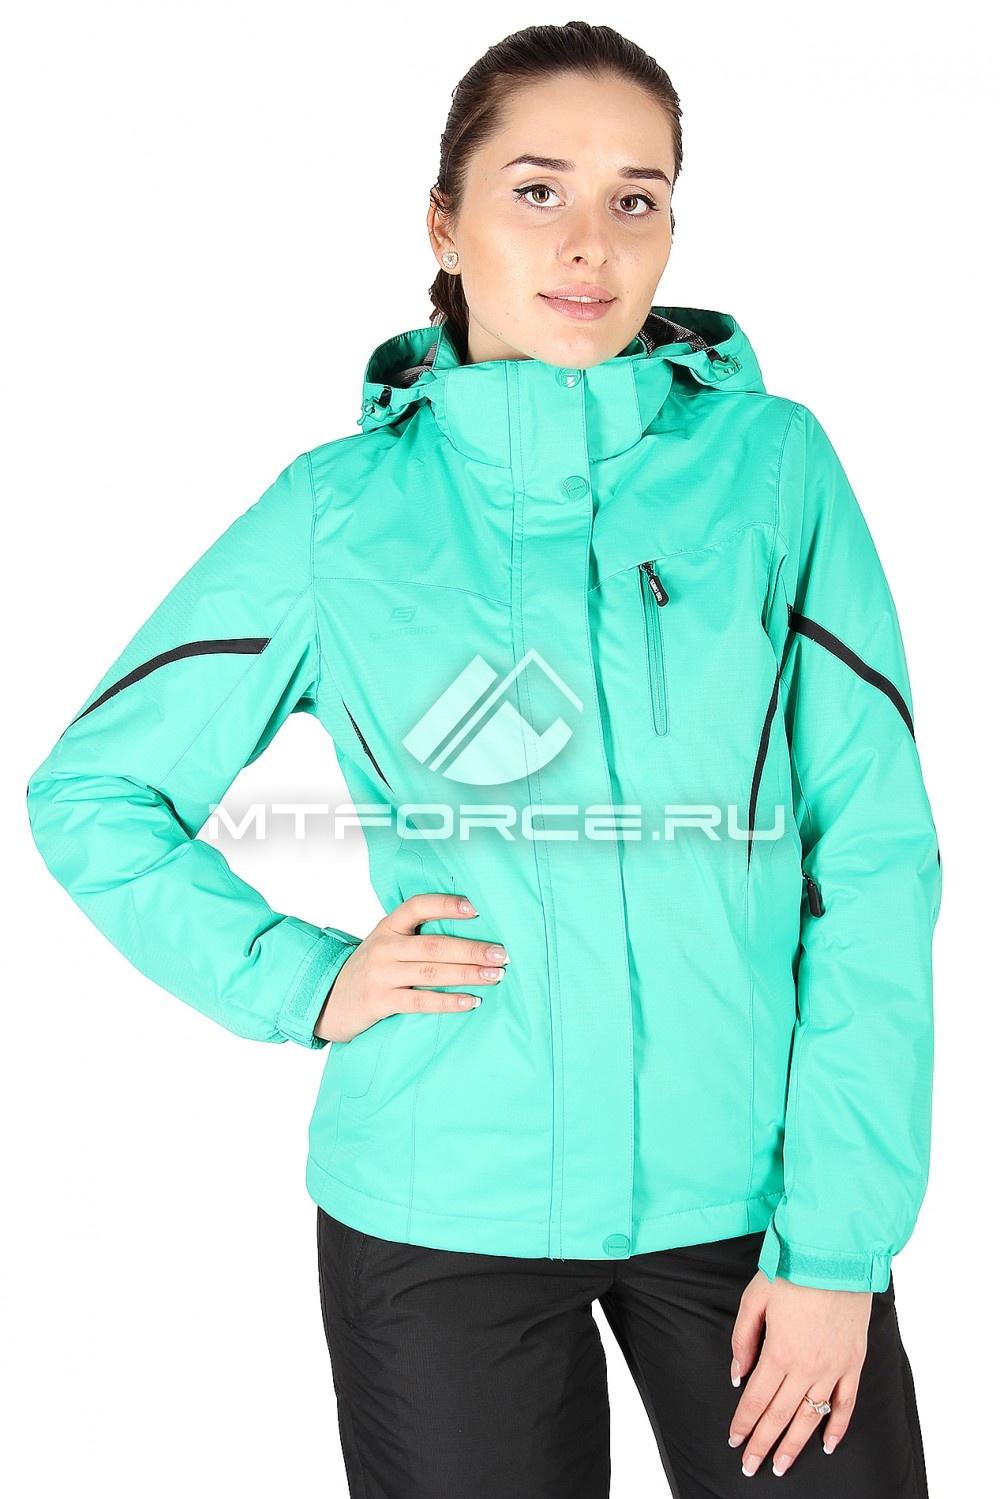 Купить                                  оптом Куртка спортивная женская весна зеленого цвета 1615Z